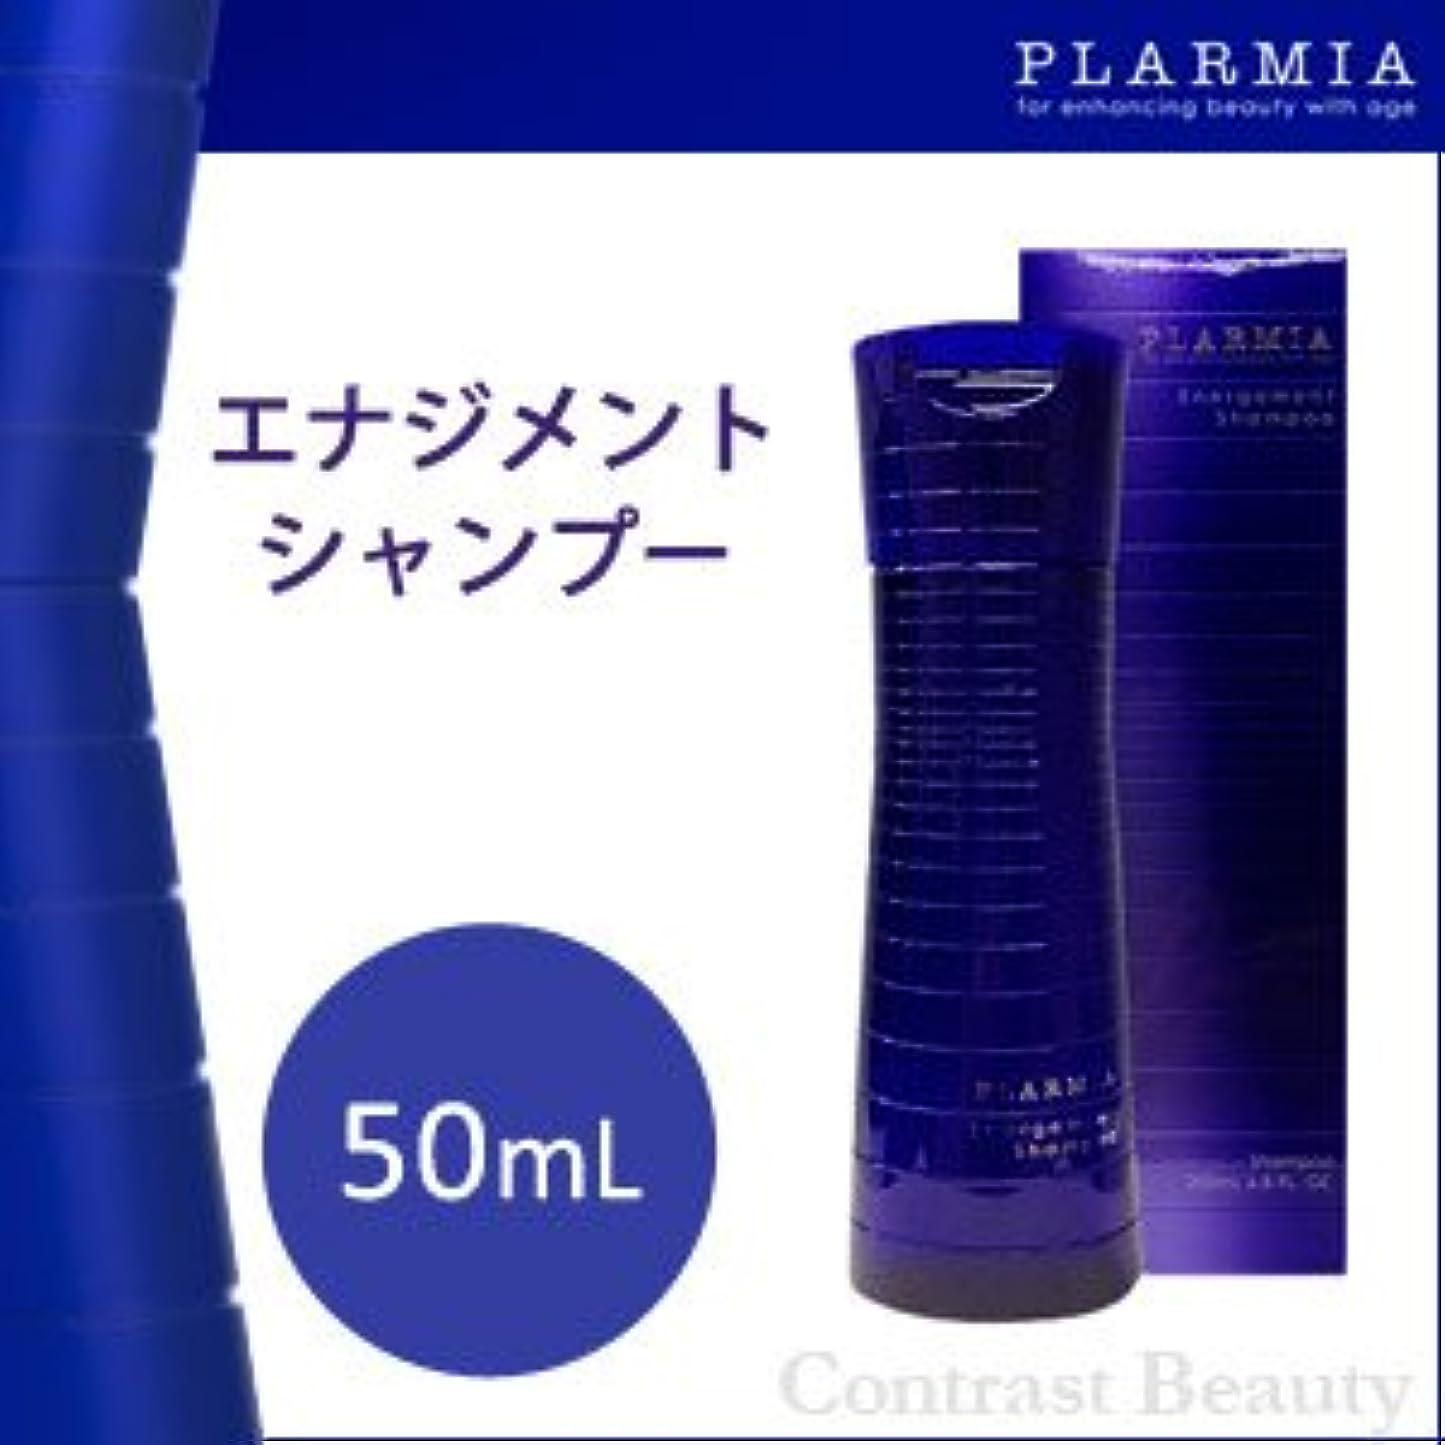 ファンド消毒するファーム【x2個セット】 ミルボン プラーミア エナジメントシャンプー 50ml